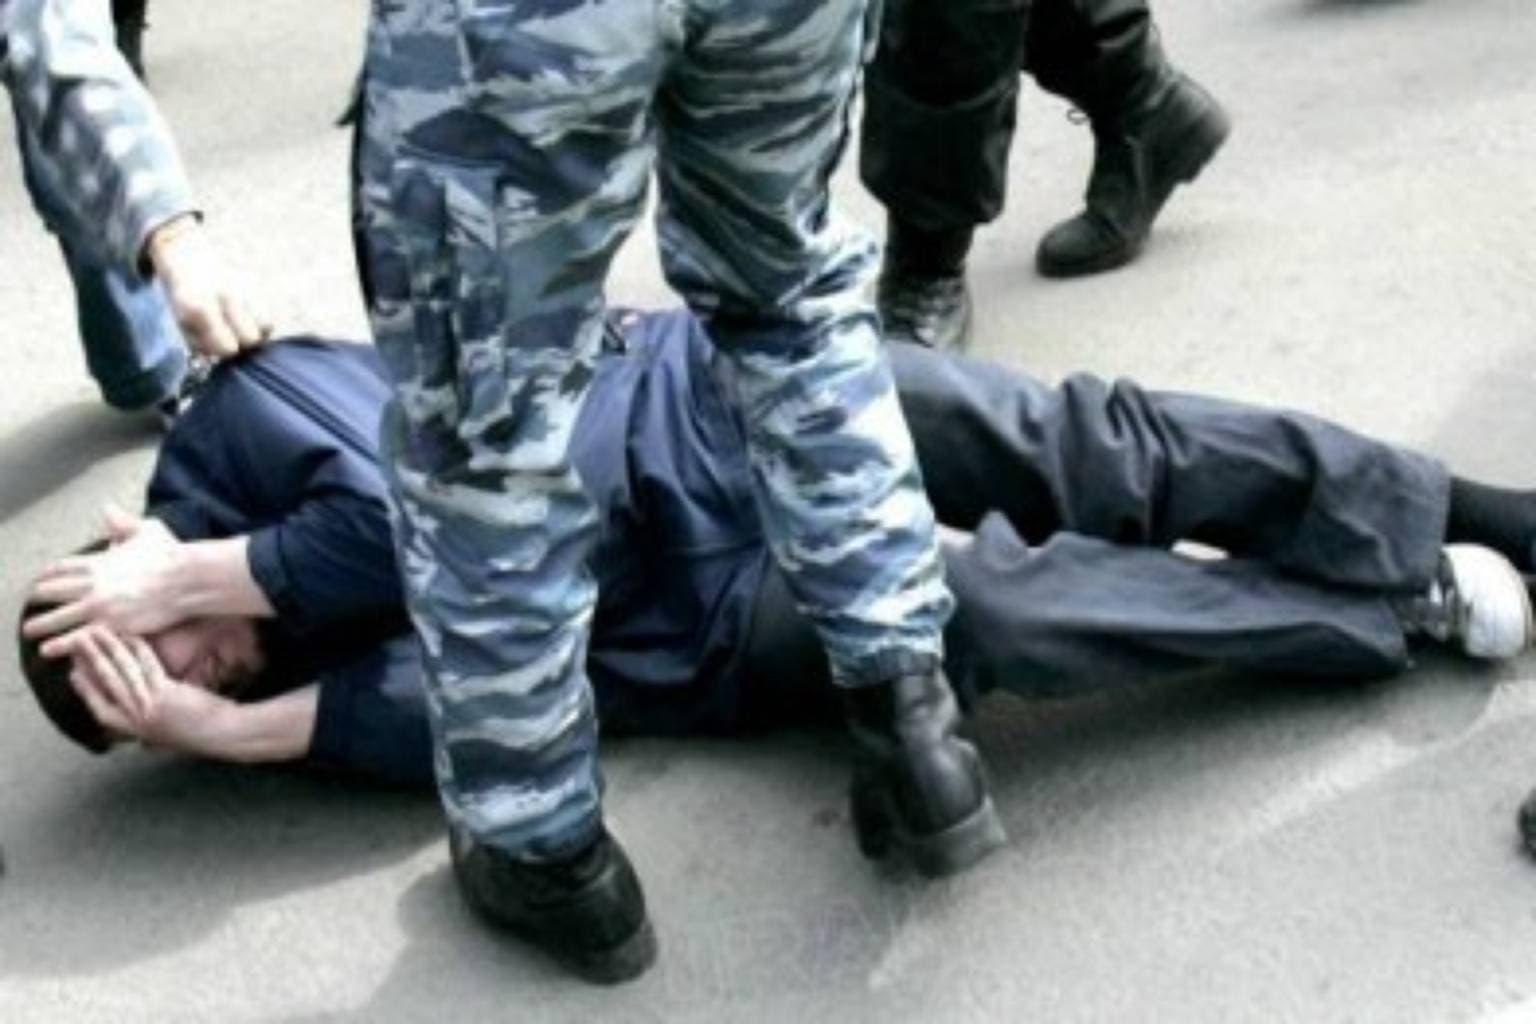 Жительница Башкирии рассказала об издевательствах в кемеровской колонии